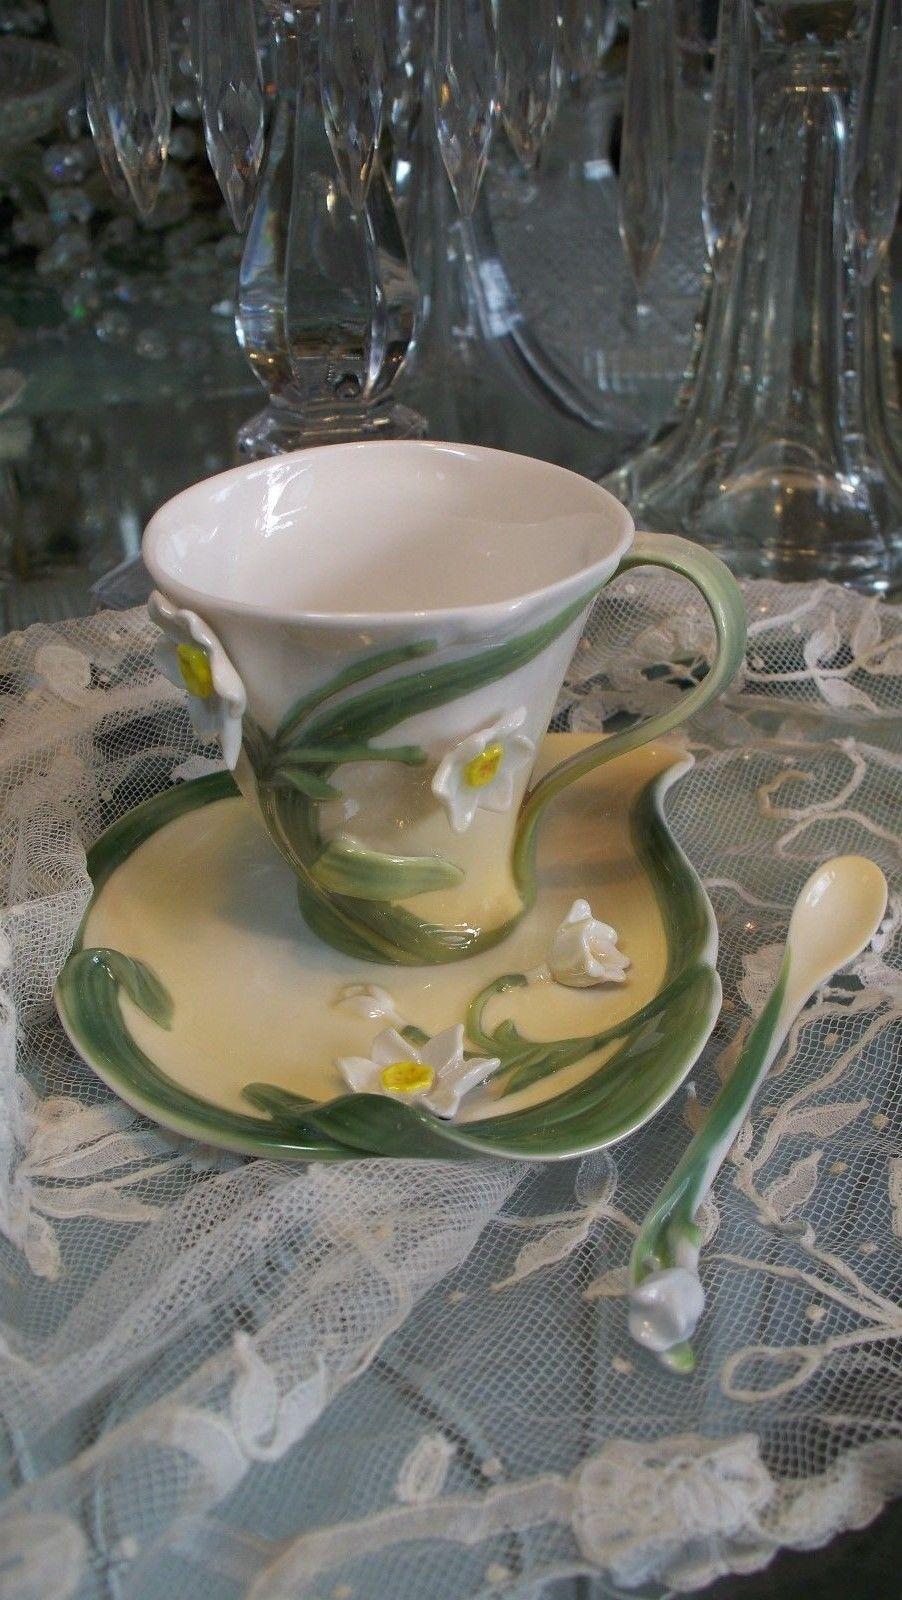 Lovely Garden Narcissus Flower Tea Set